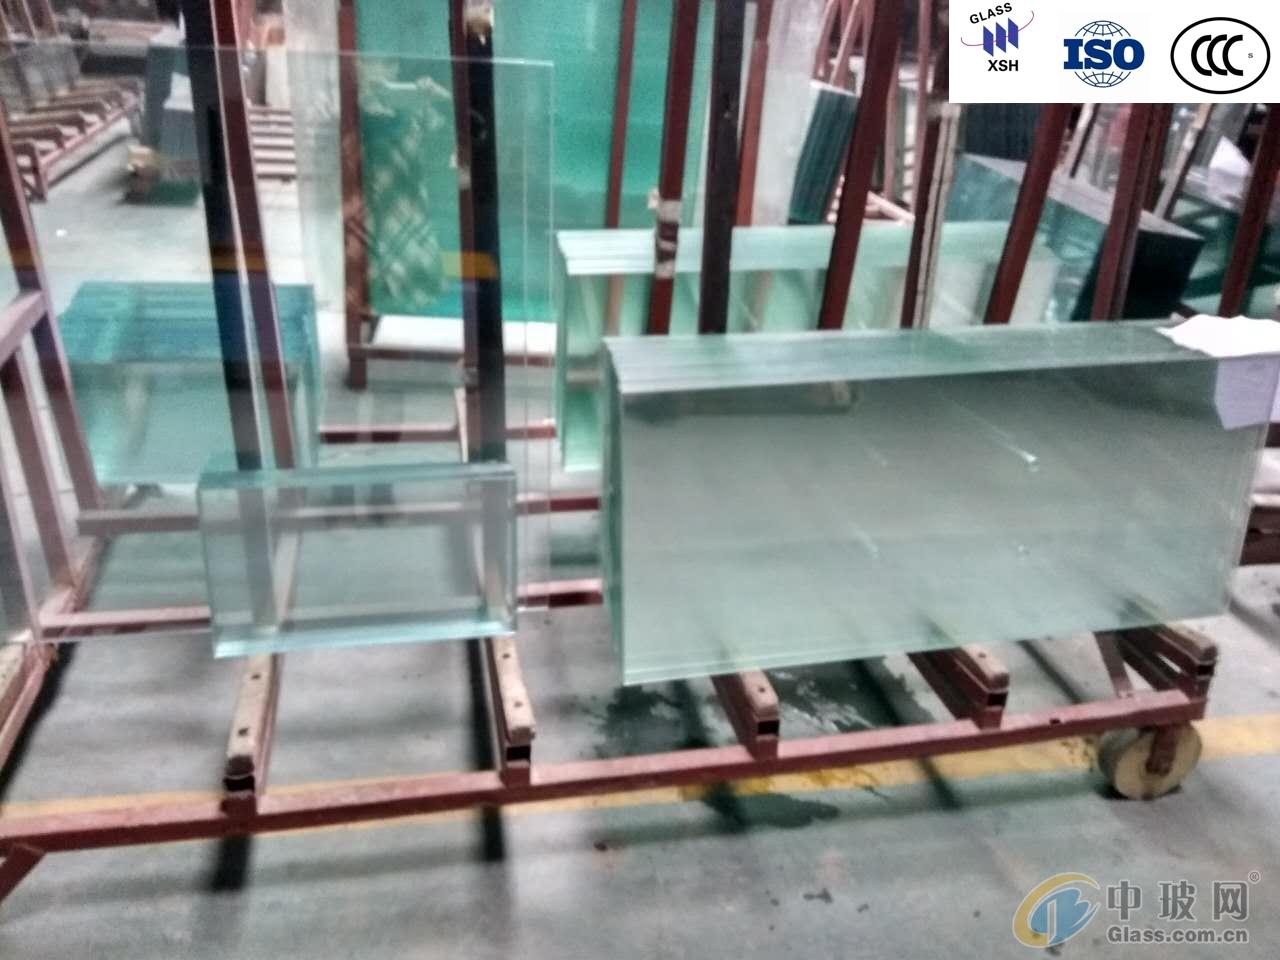 天津新盛和玻璃厂钢化玻璃定制加工办公室